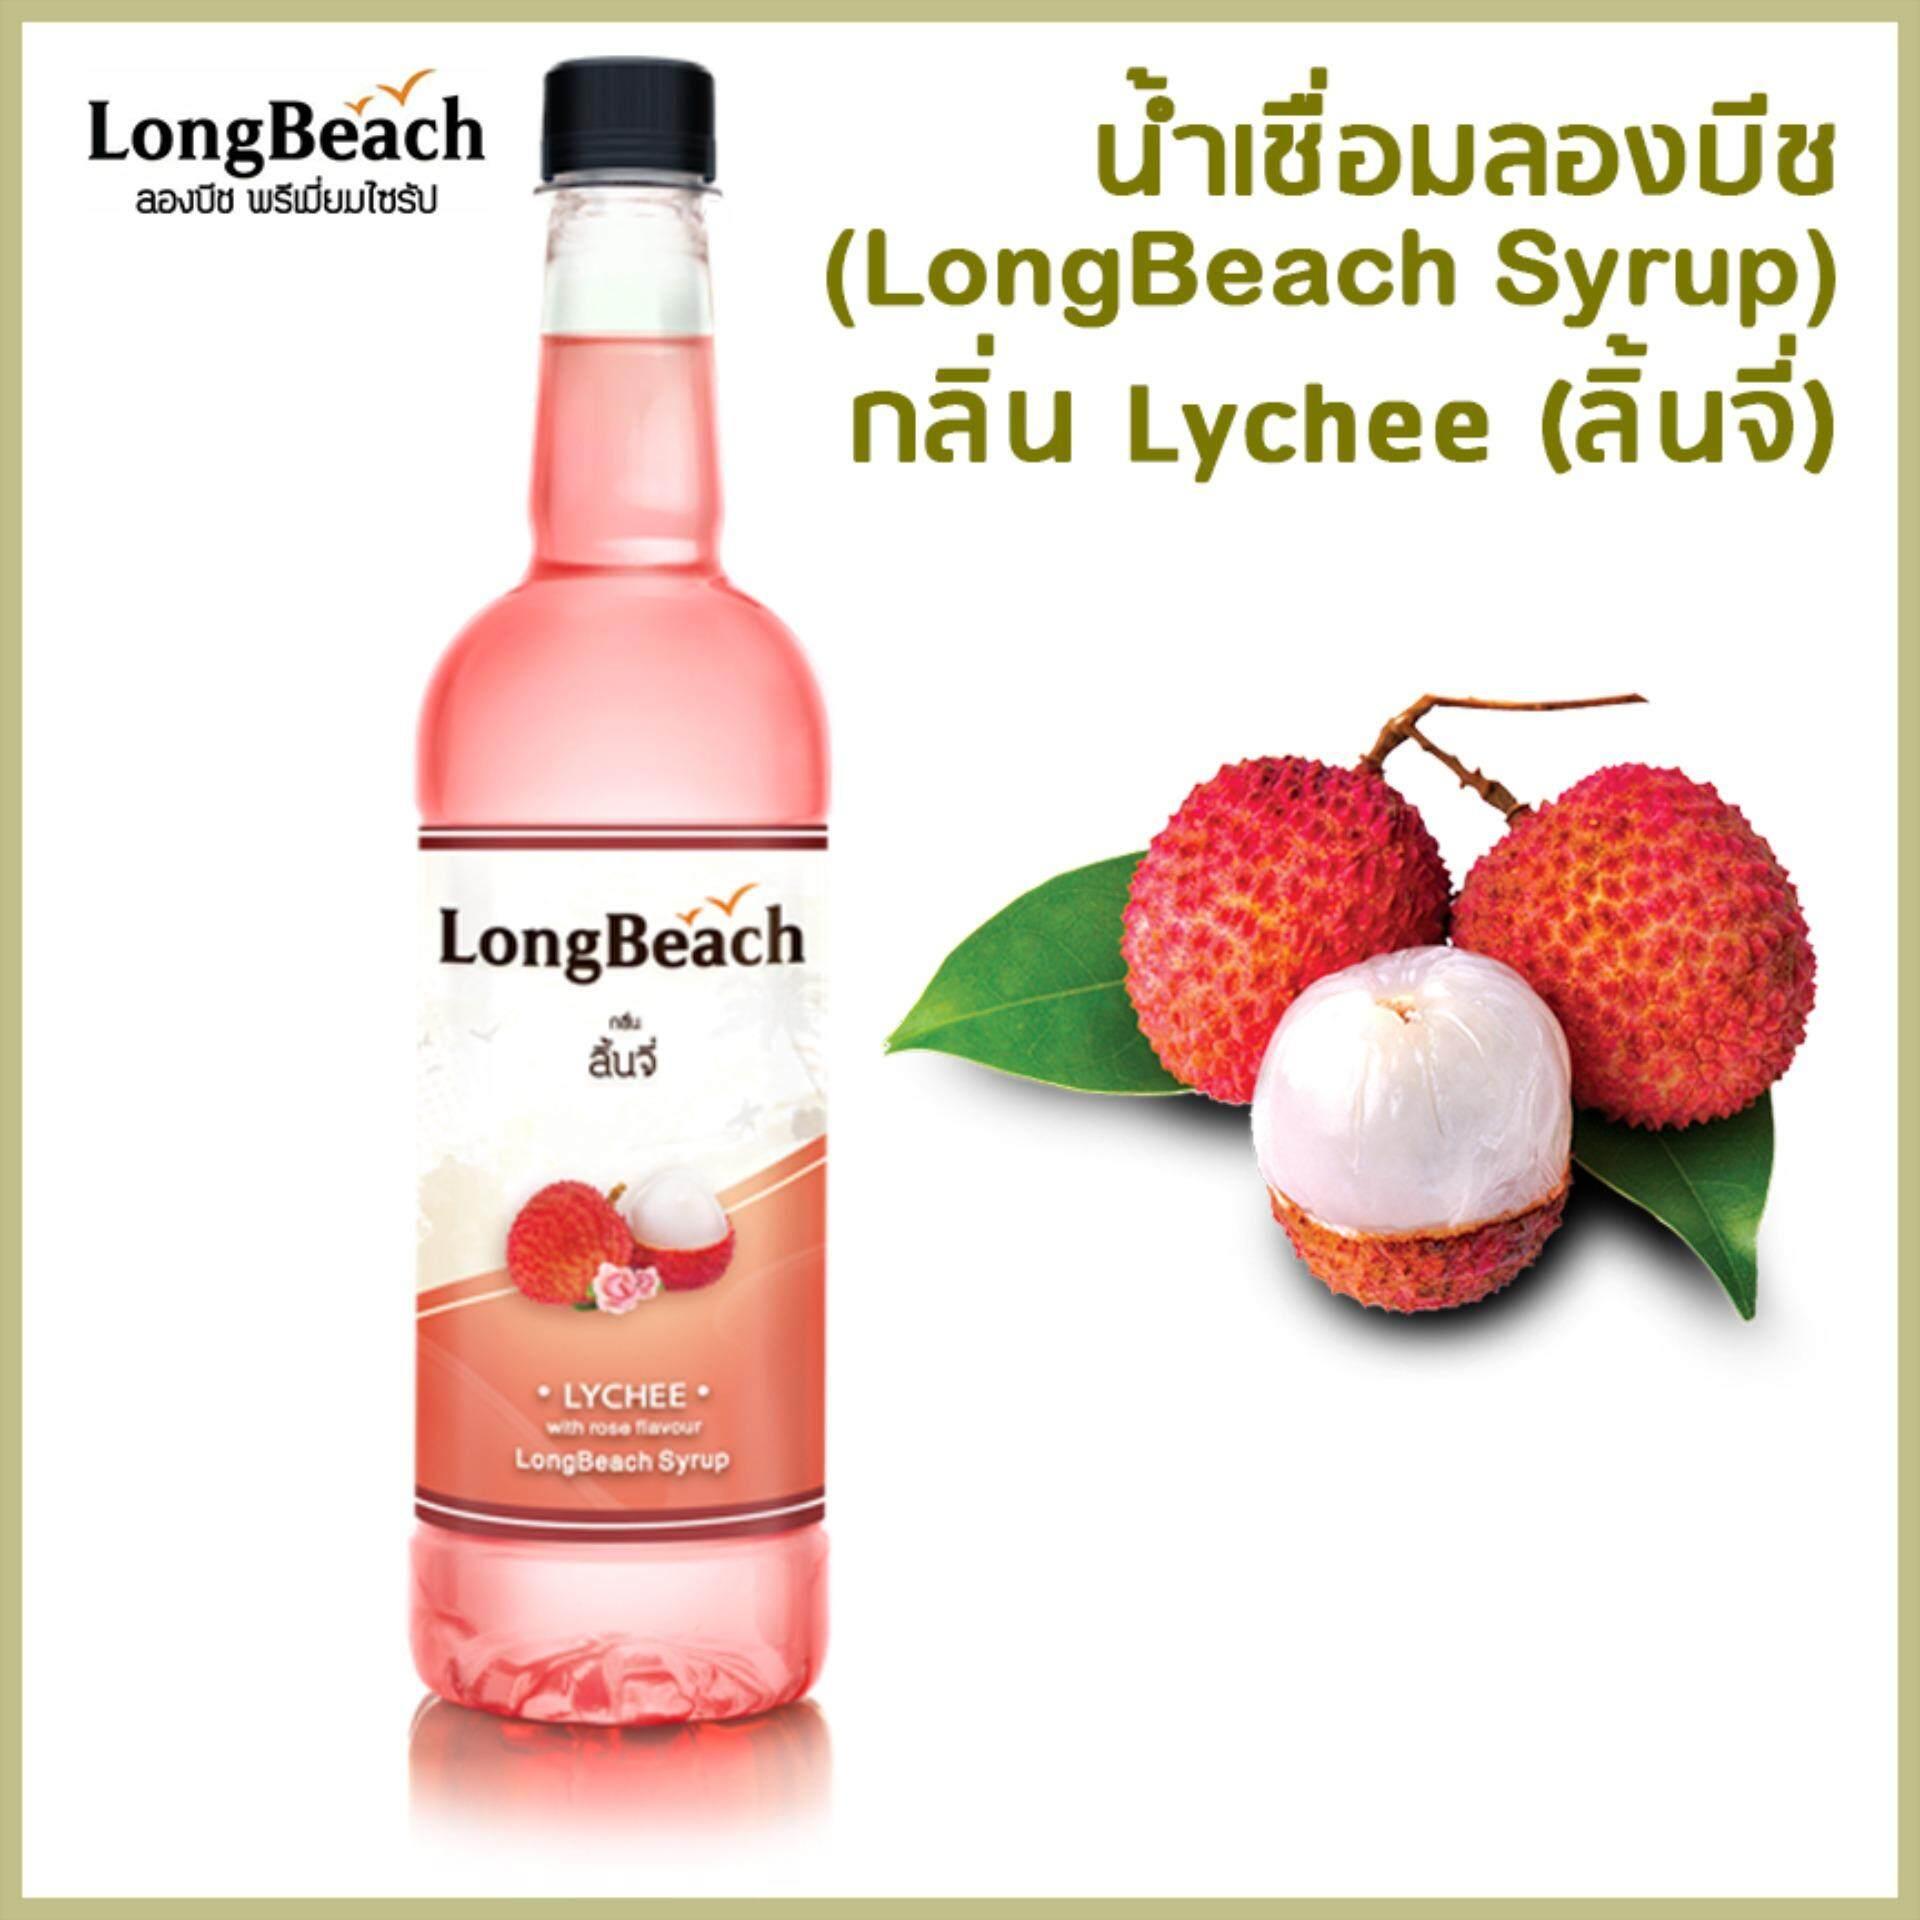 น้ำเชื่อมลองบีช (longbeach Syrup) กลิ่น Lychee.